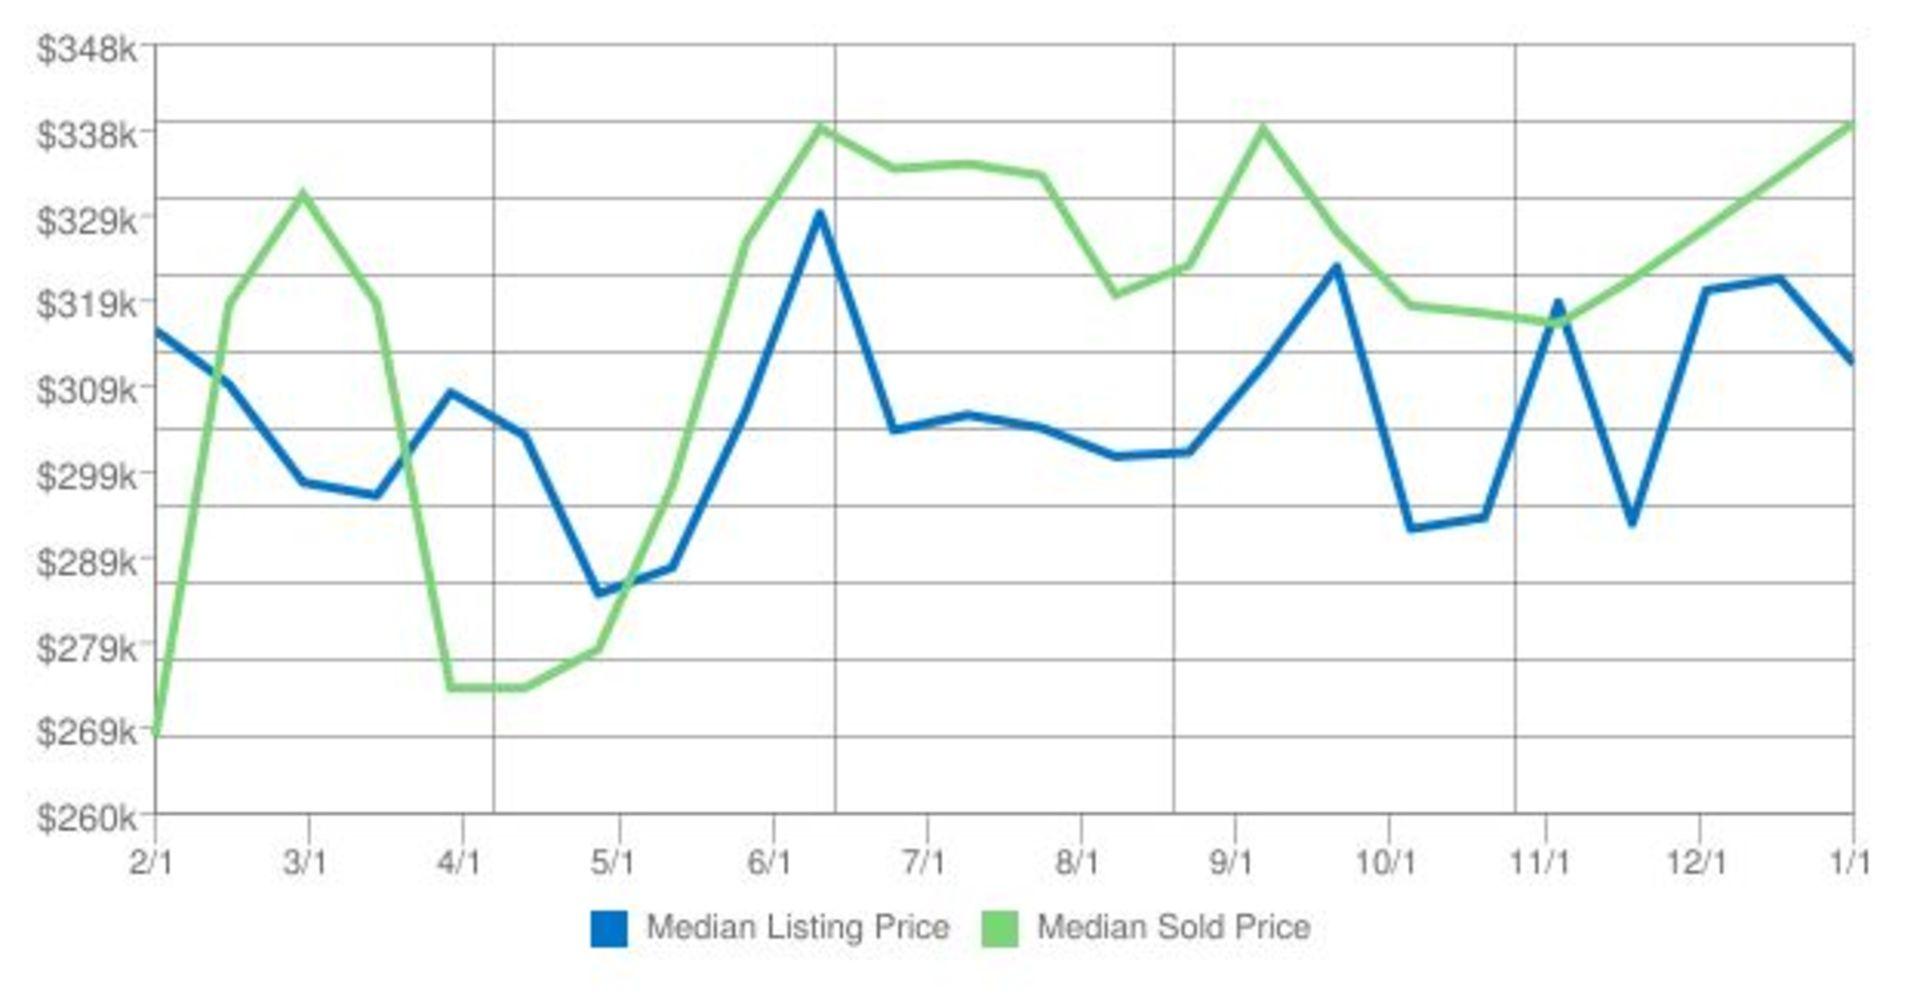 Home Prices in Kodiak Alaska for January 2017